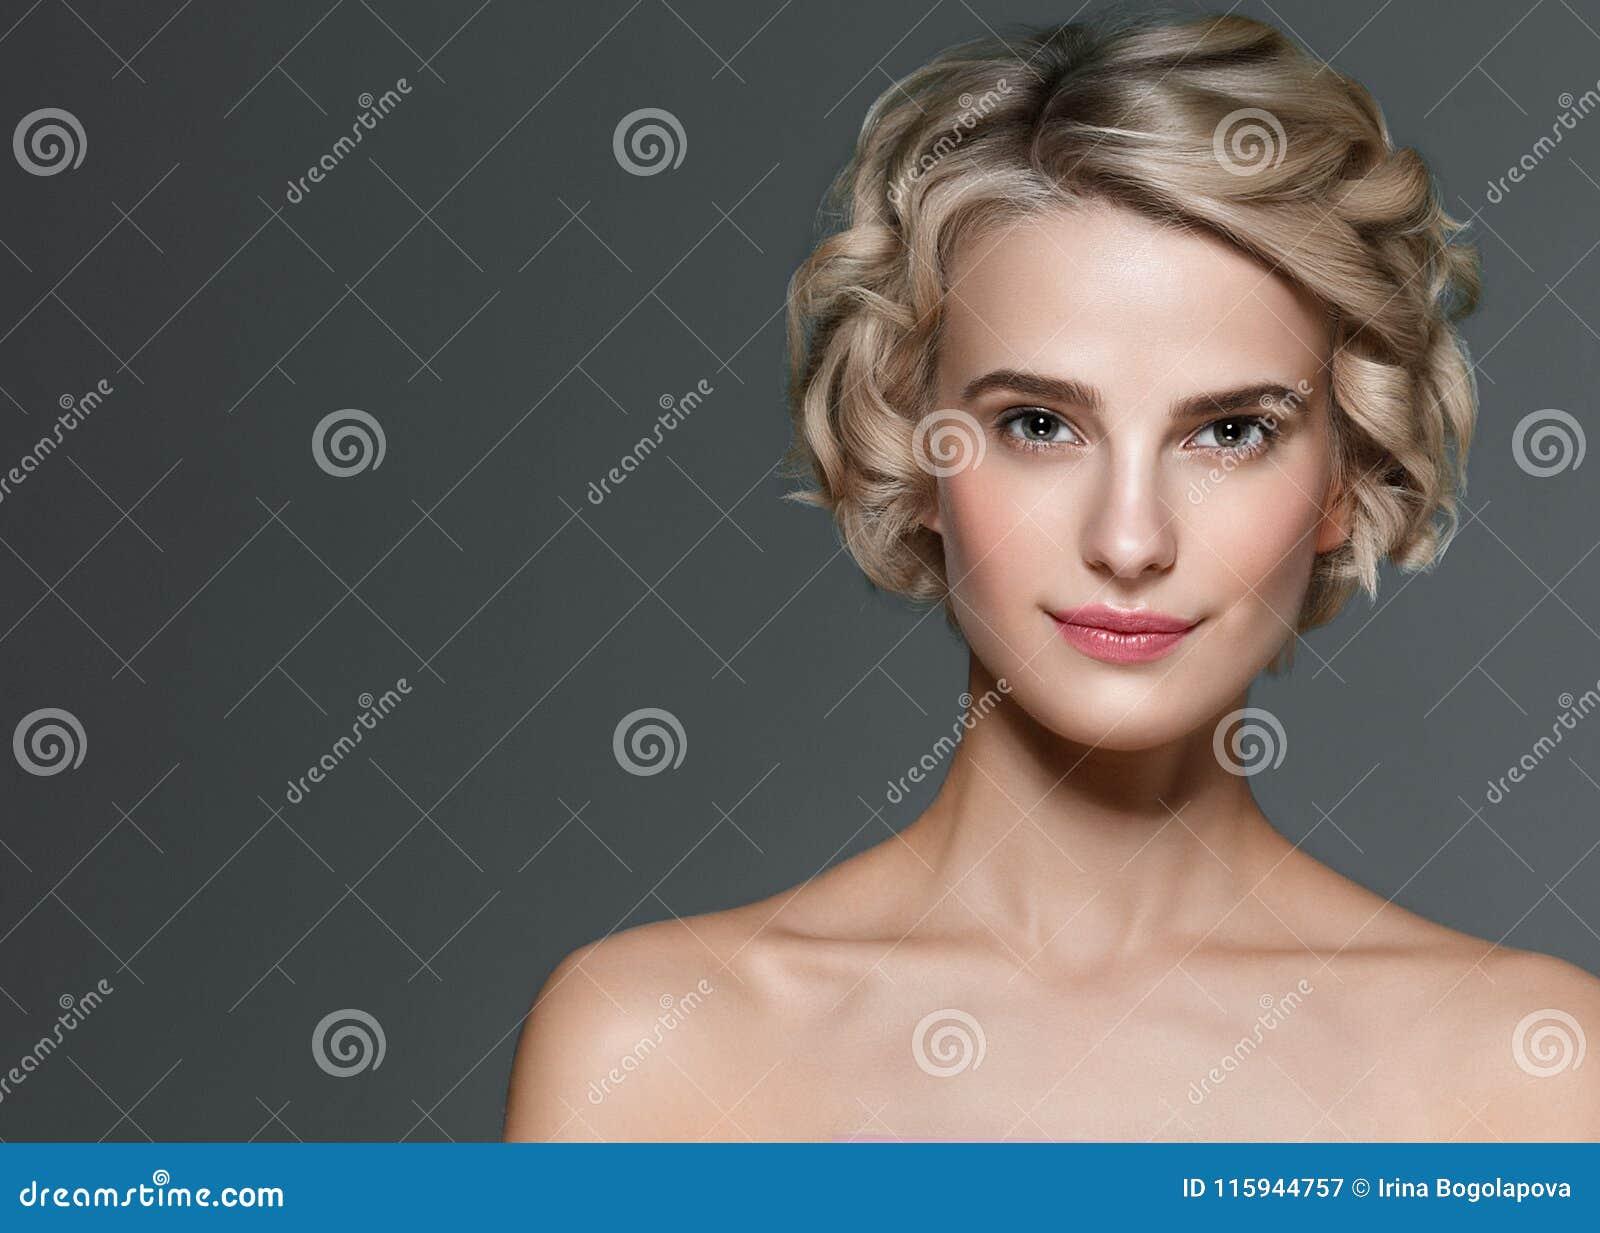 Retrato elegante curto da beleza dos pregos do cabelo louro da mulher bonita e do tratamento de mãos das mãos